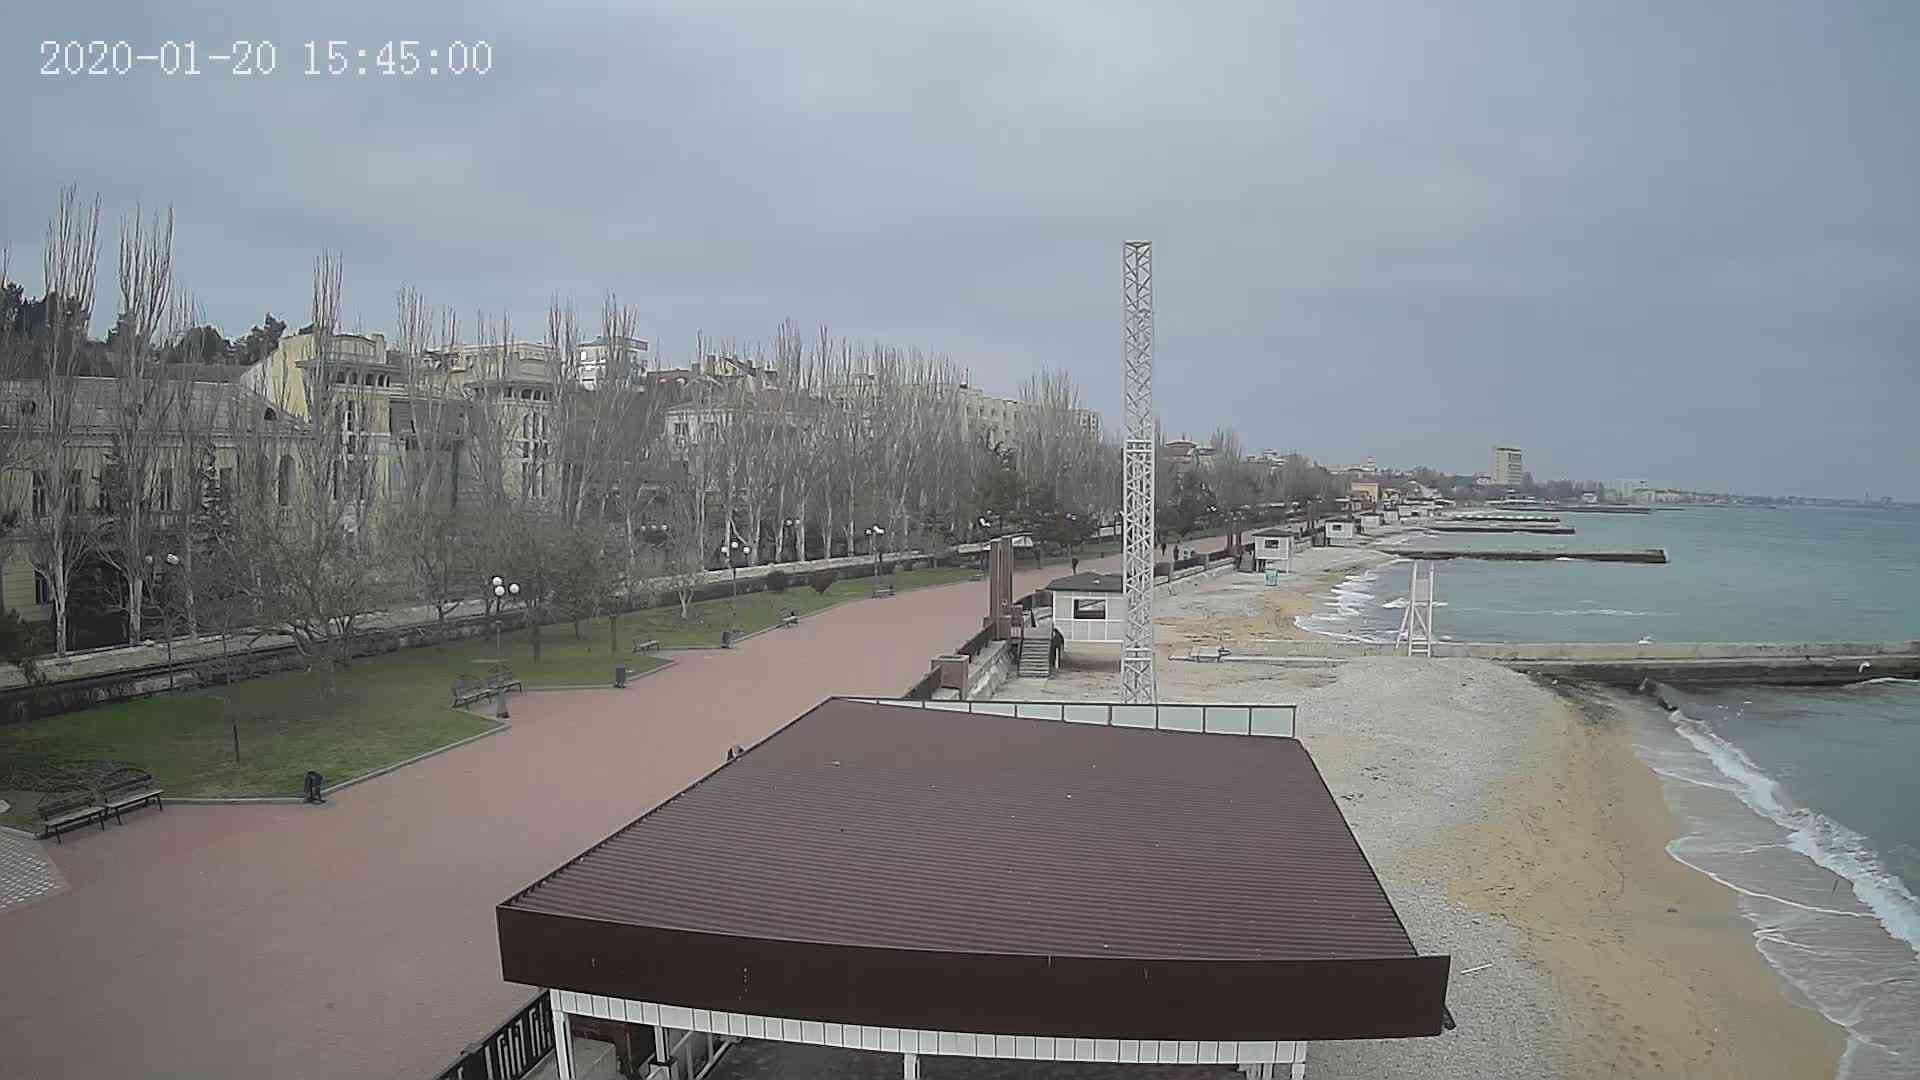 Веб-камеры Феодосии, Пляж Камешки, 2020-01-20 15:45:21